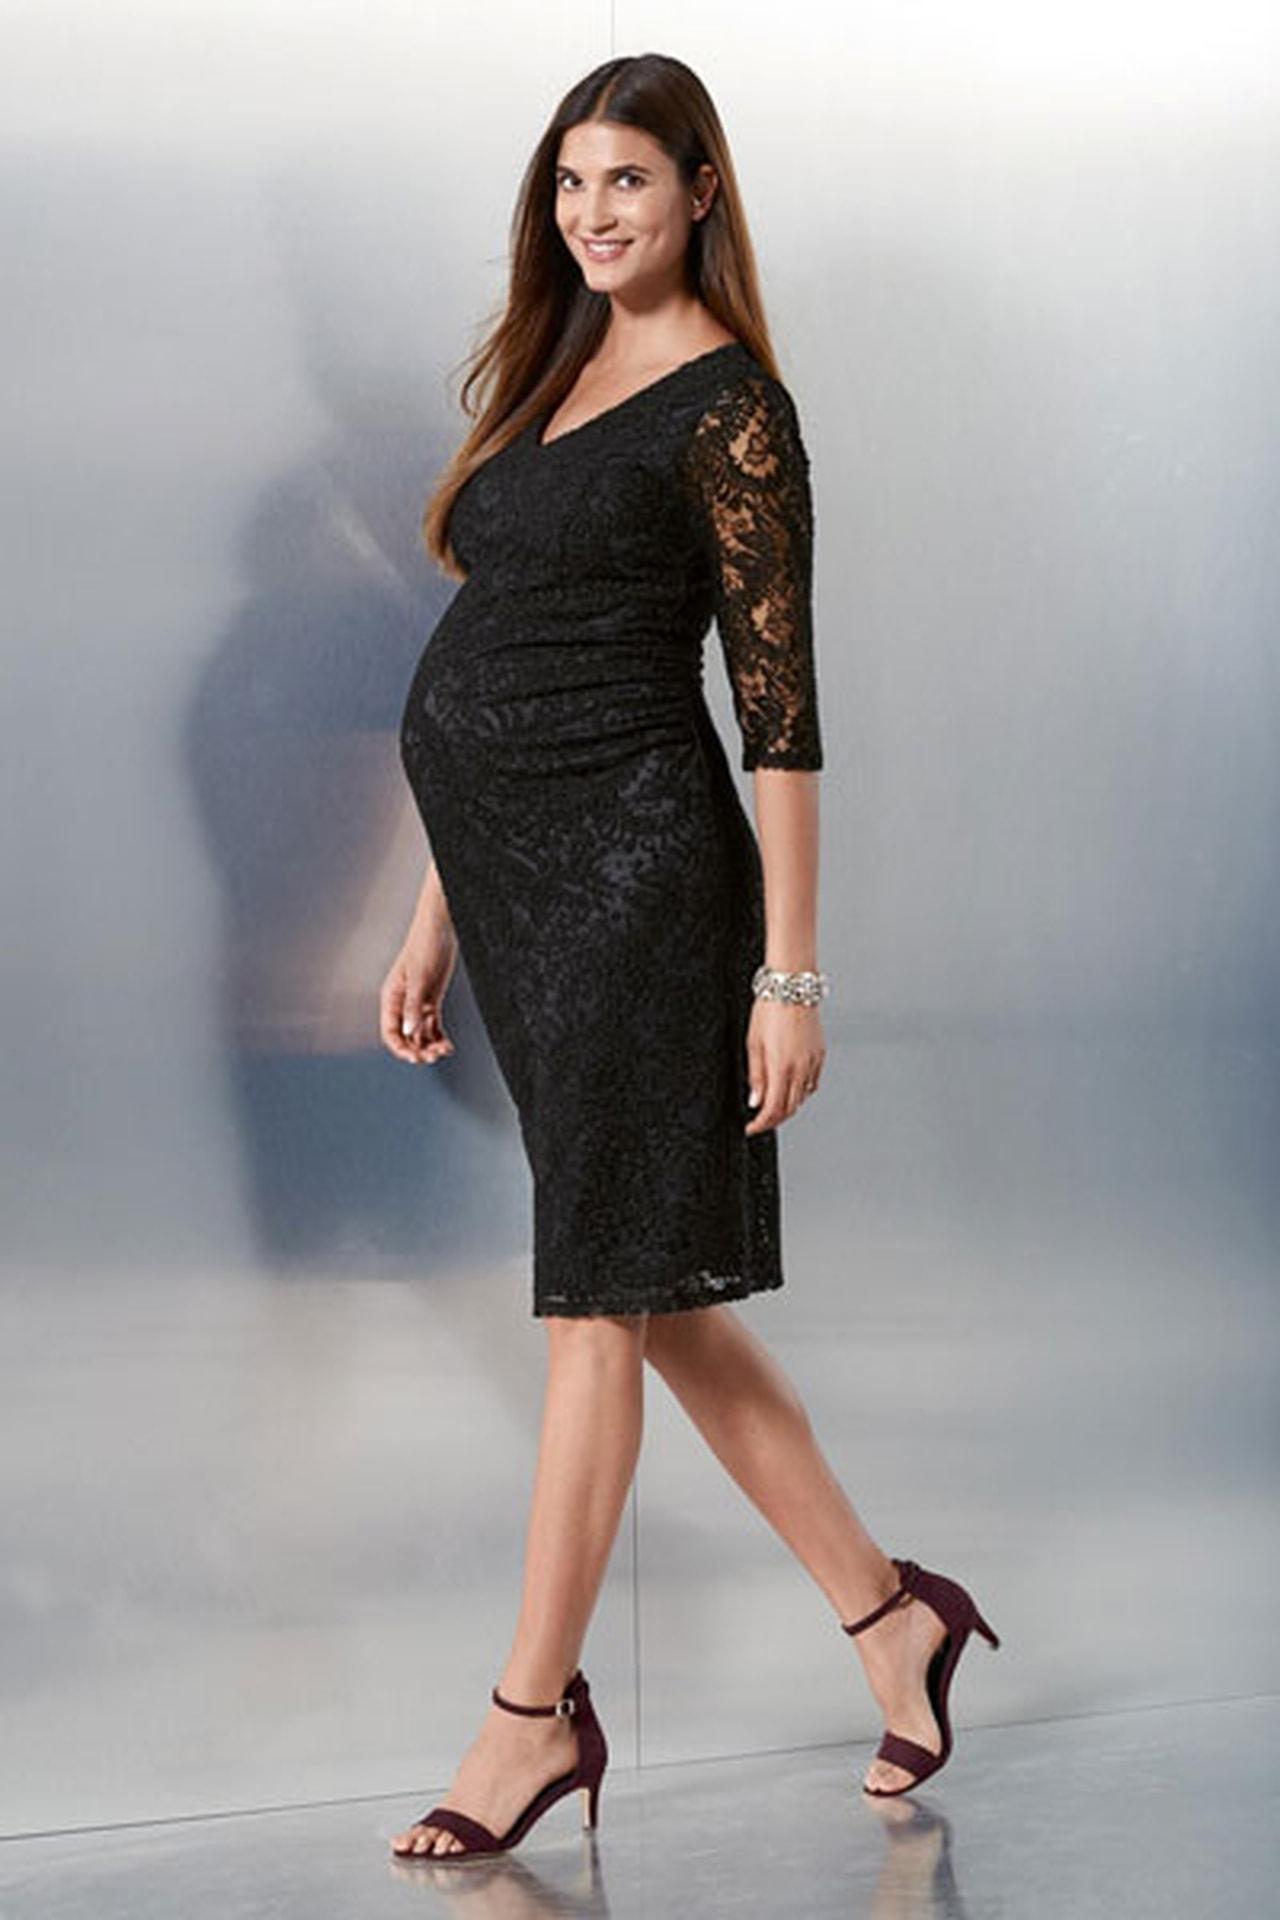 صوره ملابس حوامل انيقه , اجمل لبس خروج للحامل